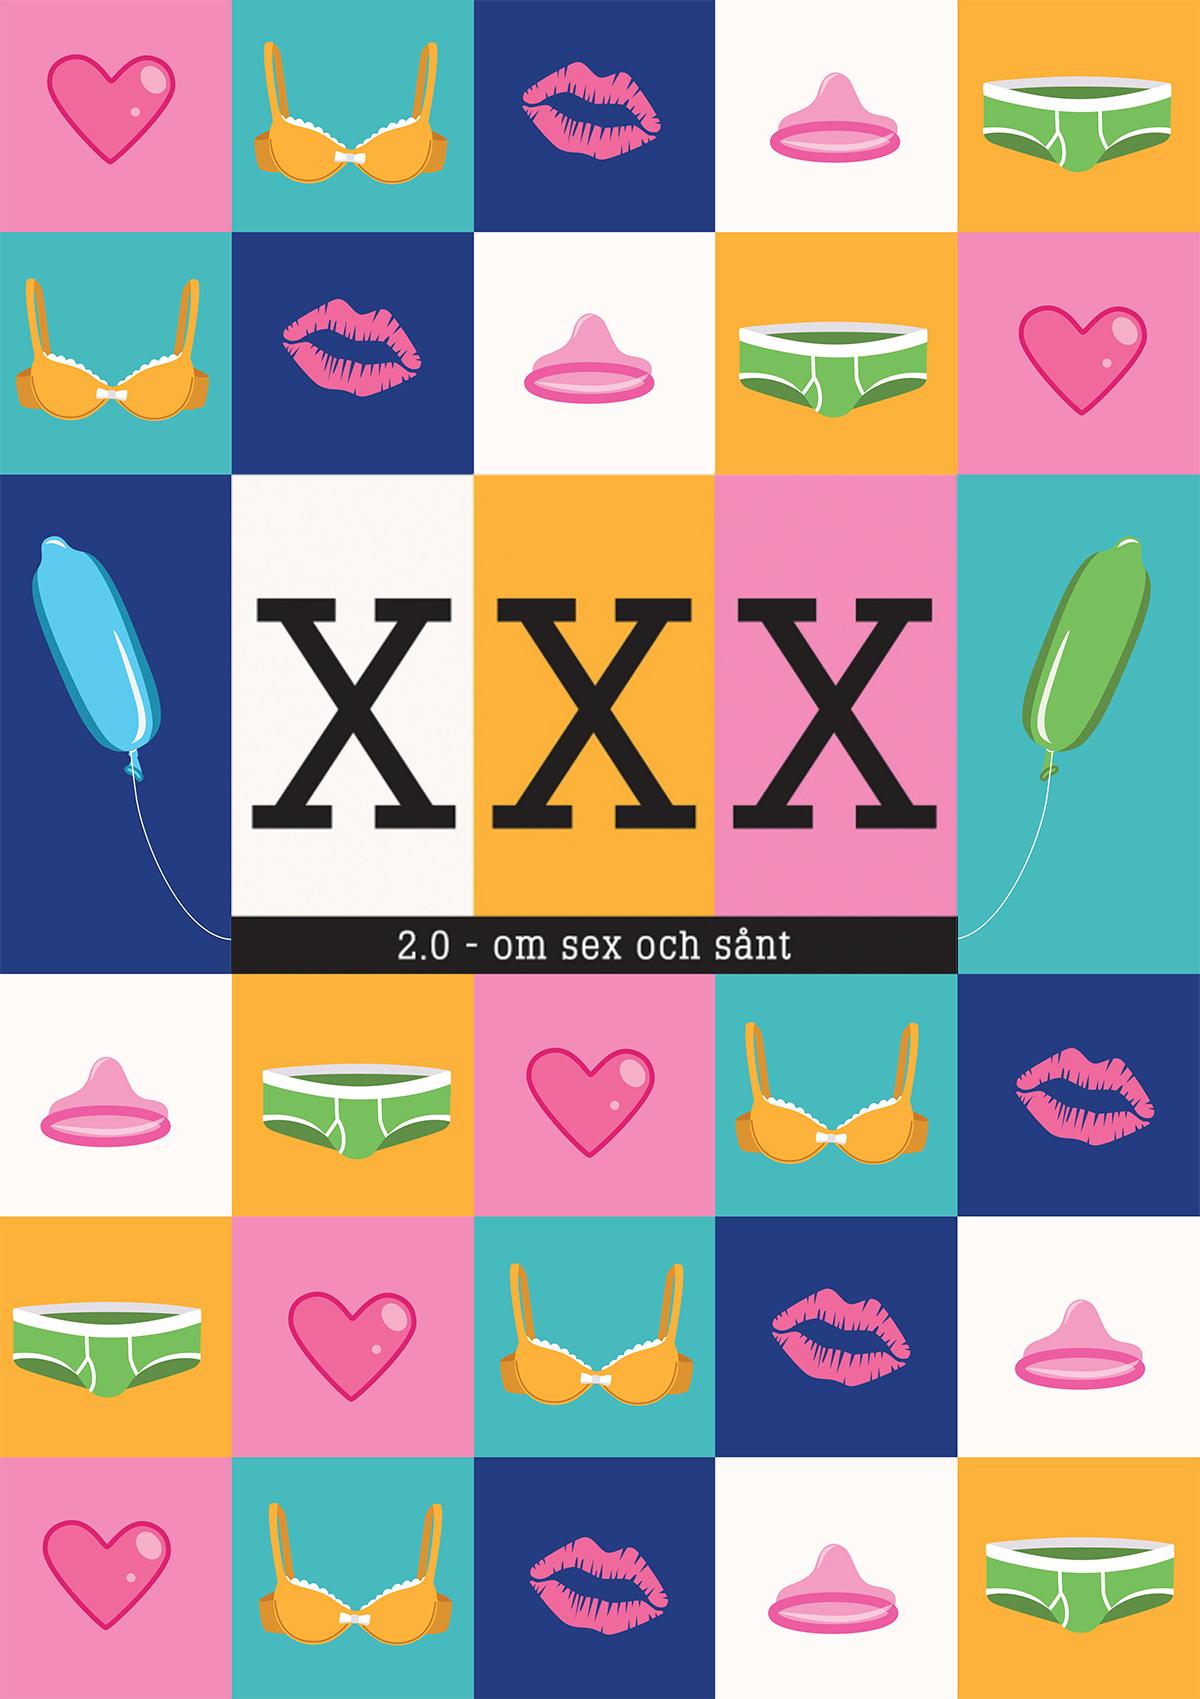 xxx2.0_Vasterbottensteatern.jpg